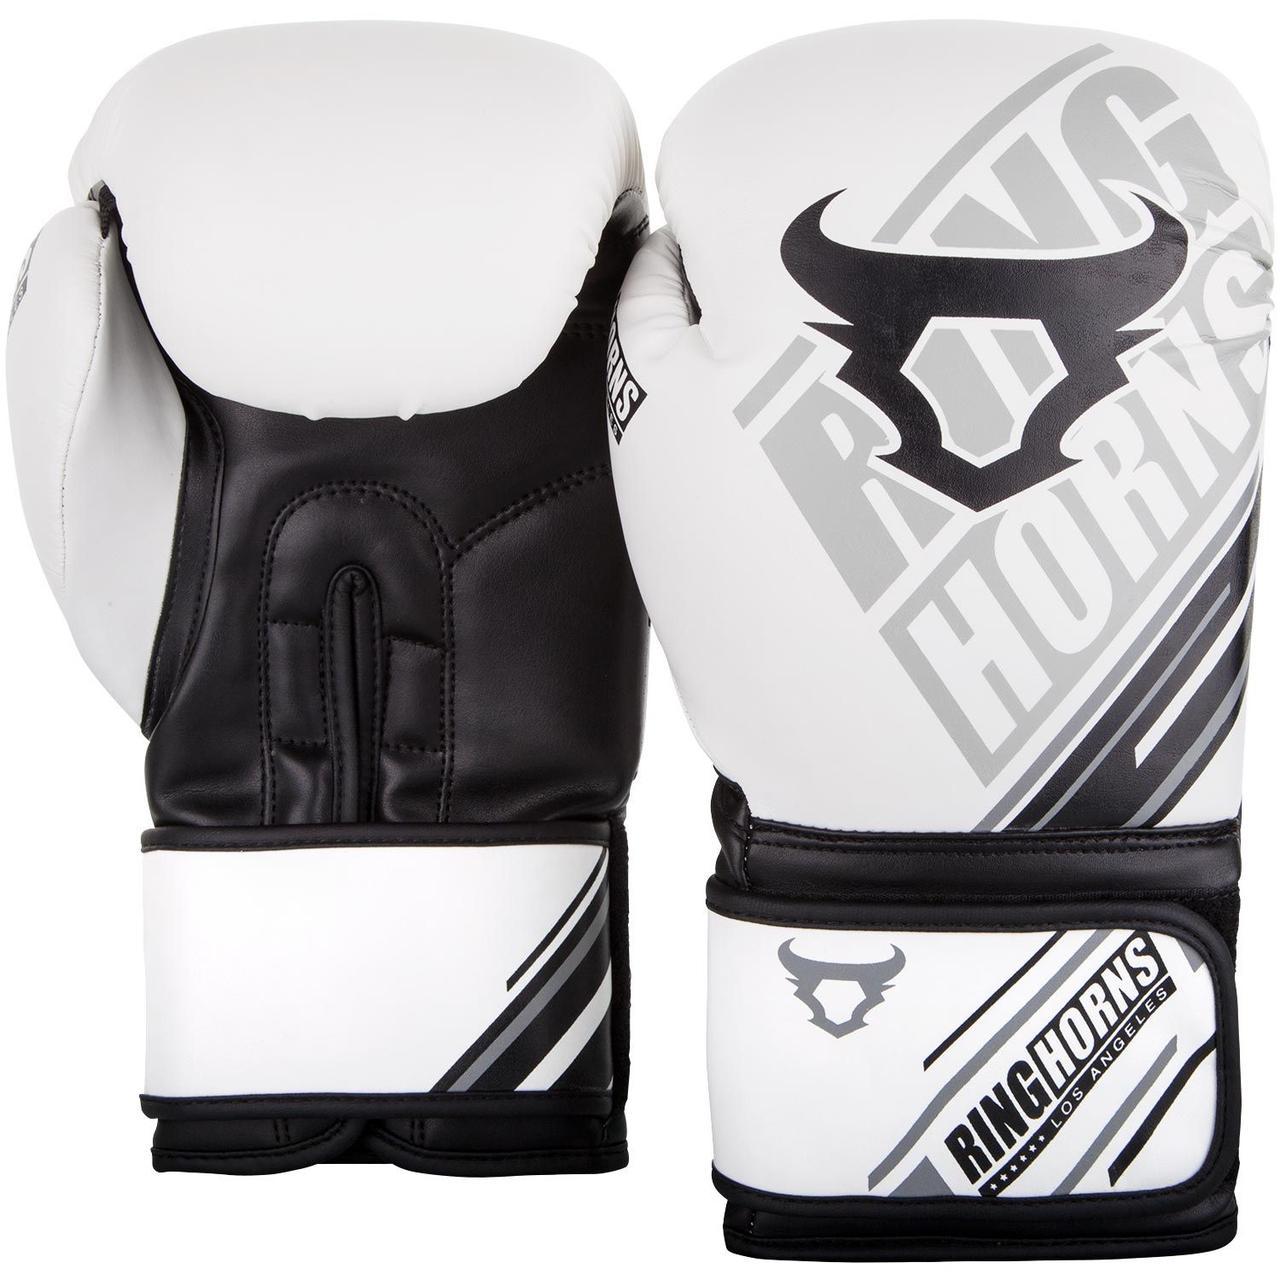 Боксерские перчатки Ringhorns Nitro Белые с черным